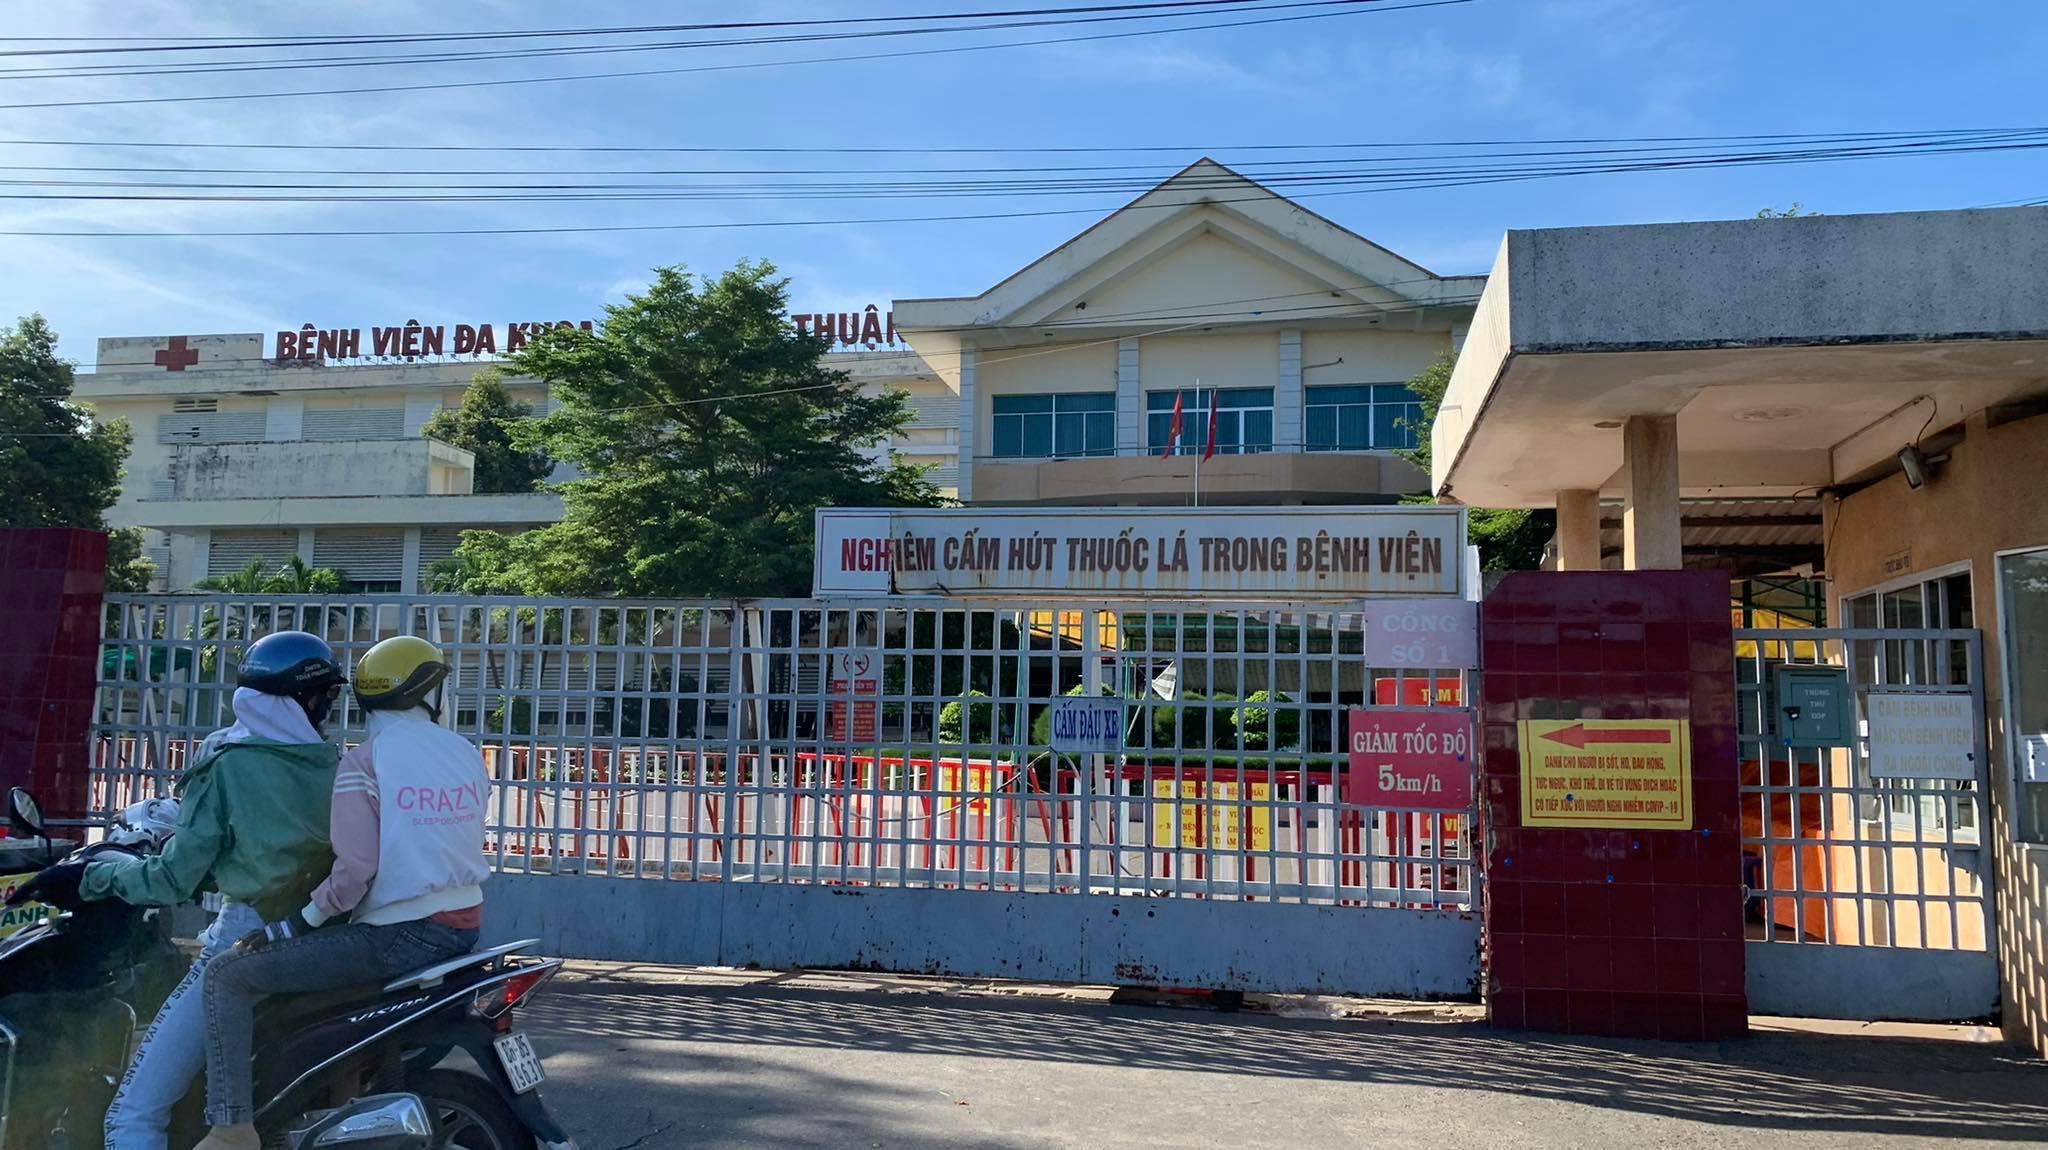 Chuyến xe khách khiến 8 người nhiễm Covid-19 ở Bình Thuận và Hải Phòng